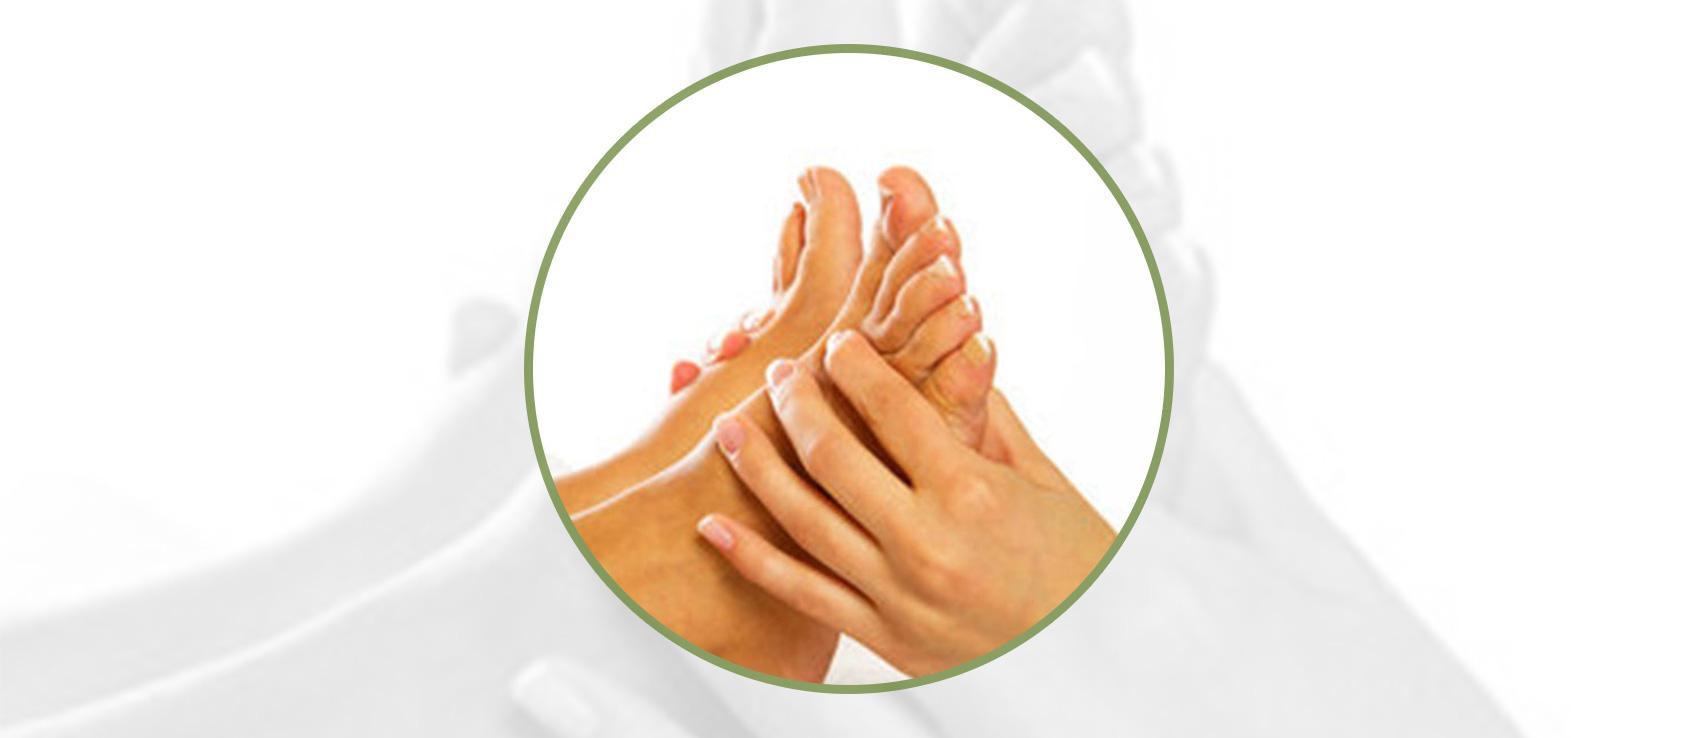 Fußreflexzonentherapie  -Der Fuß als Tor zum Körper – Fußreflexzonentherapie